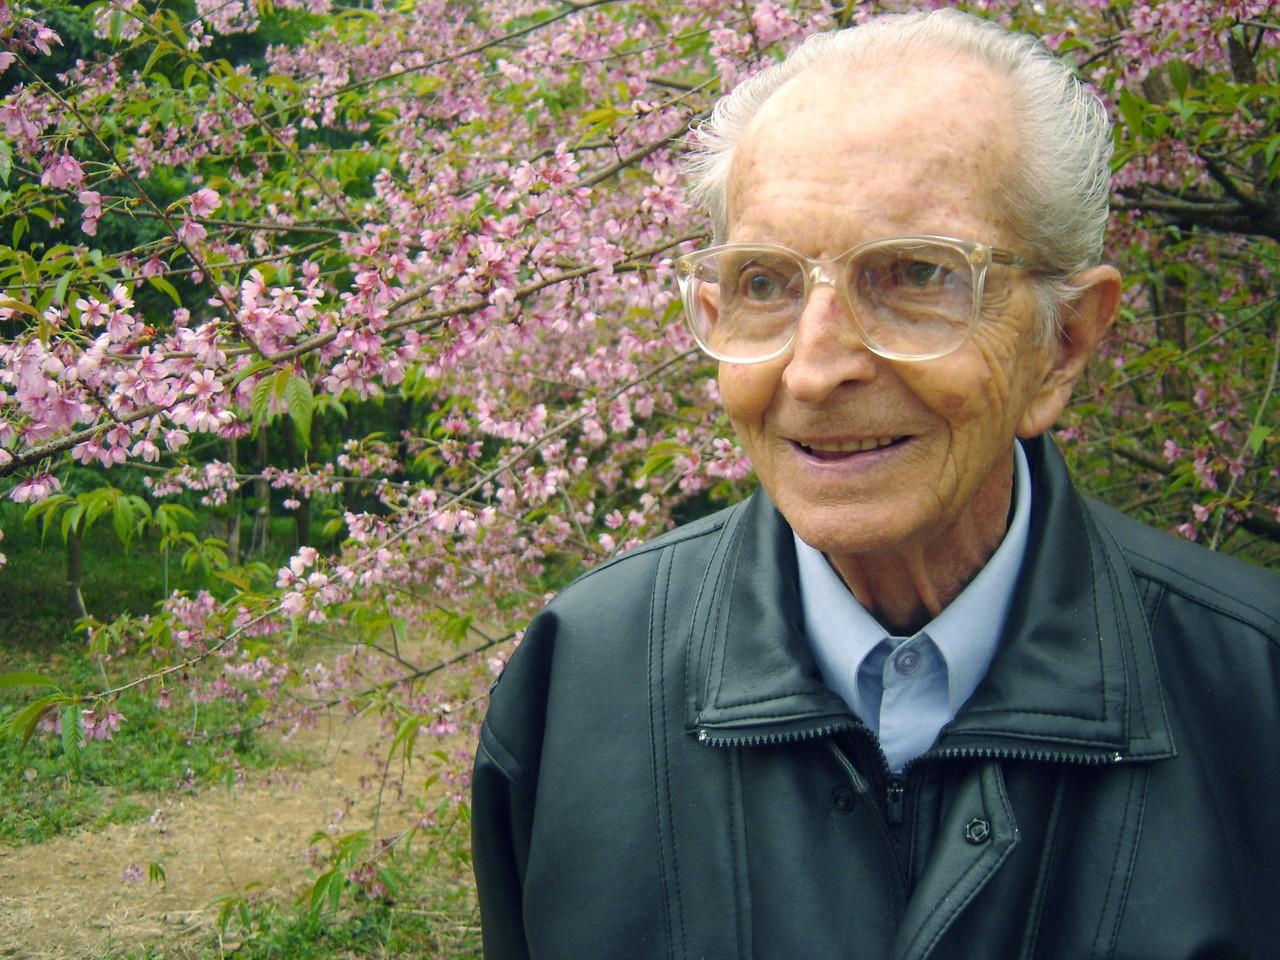 Na co można liczyć przy opiece nad osobami starszymi?